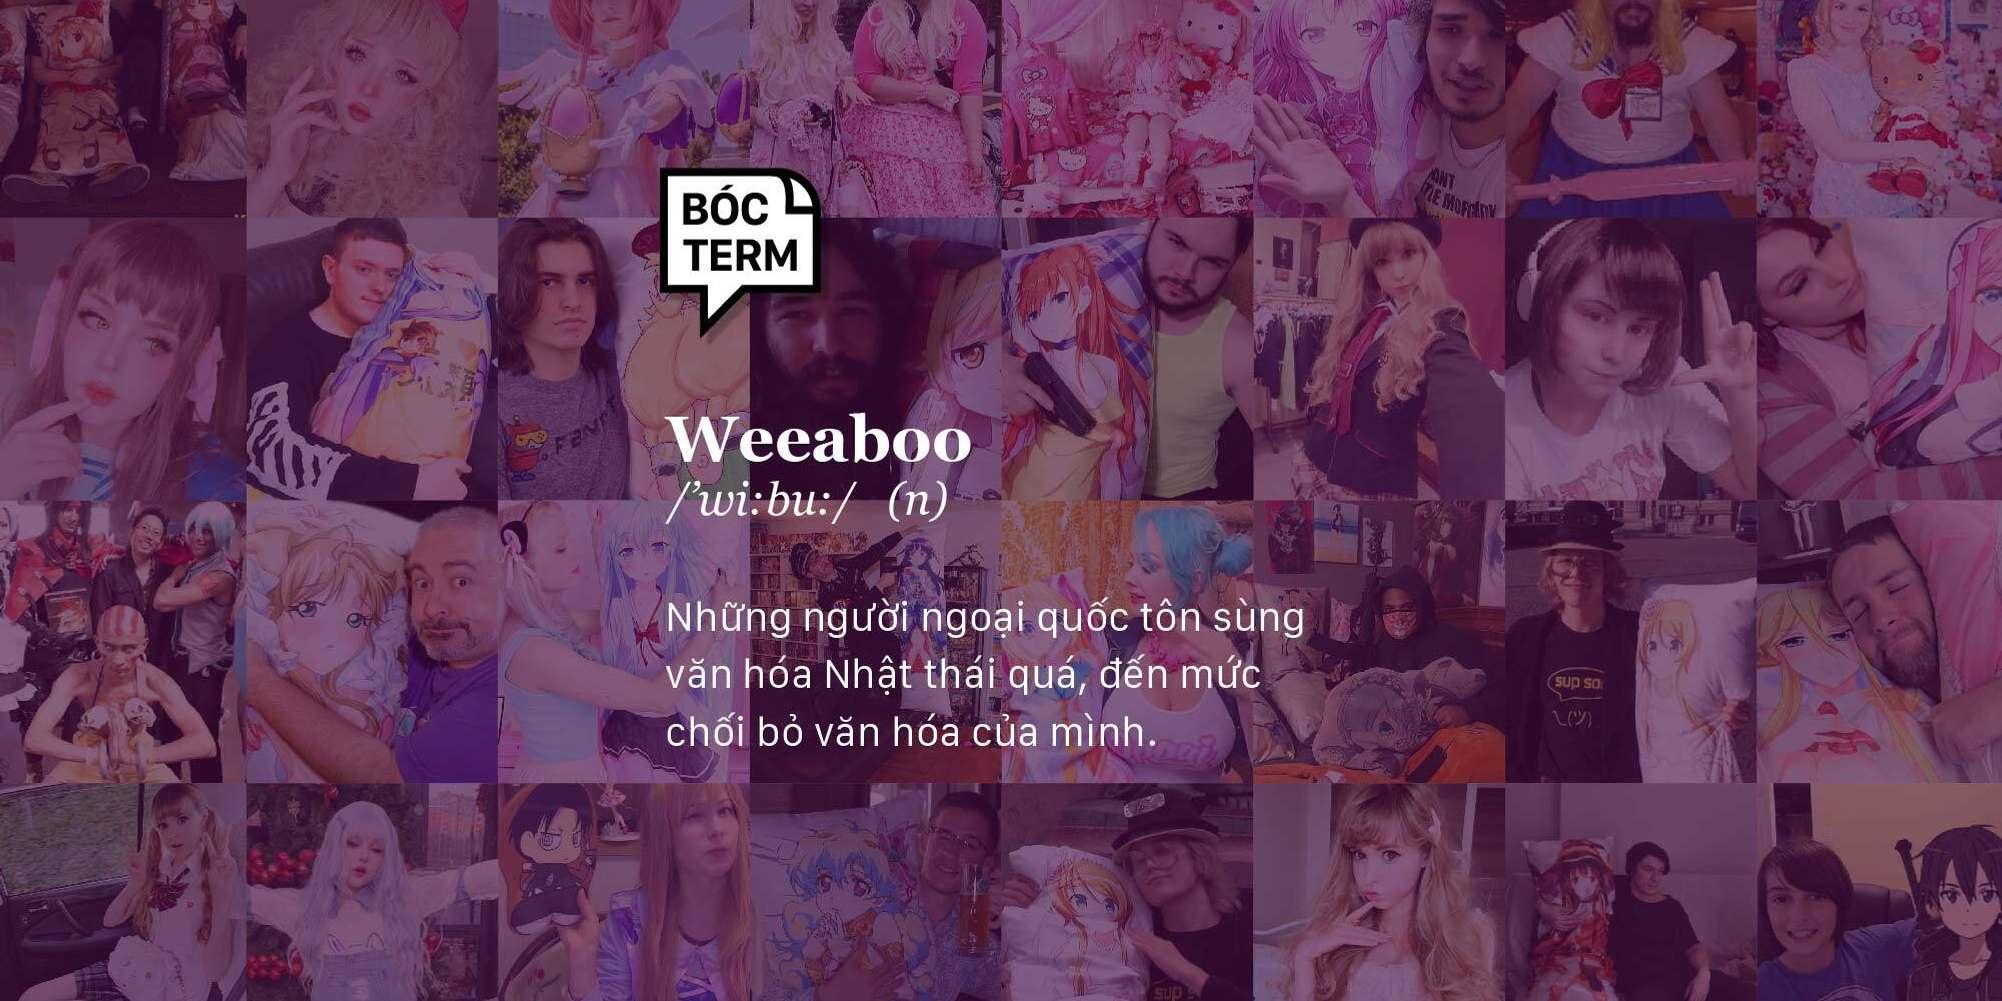 Bóc Term: Weeaboo (wibu) là gì? Bạn có phải là một weeaboo?